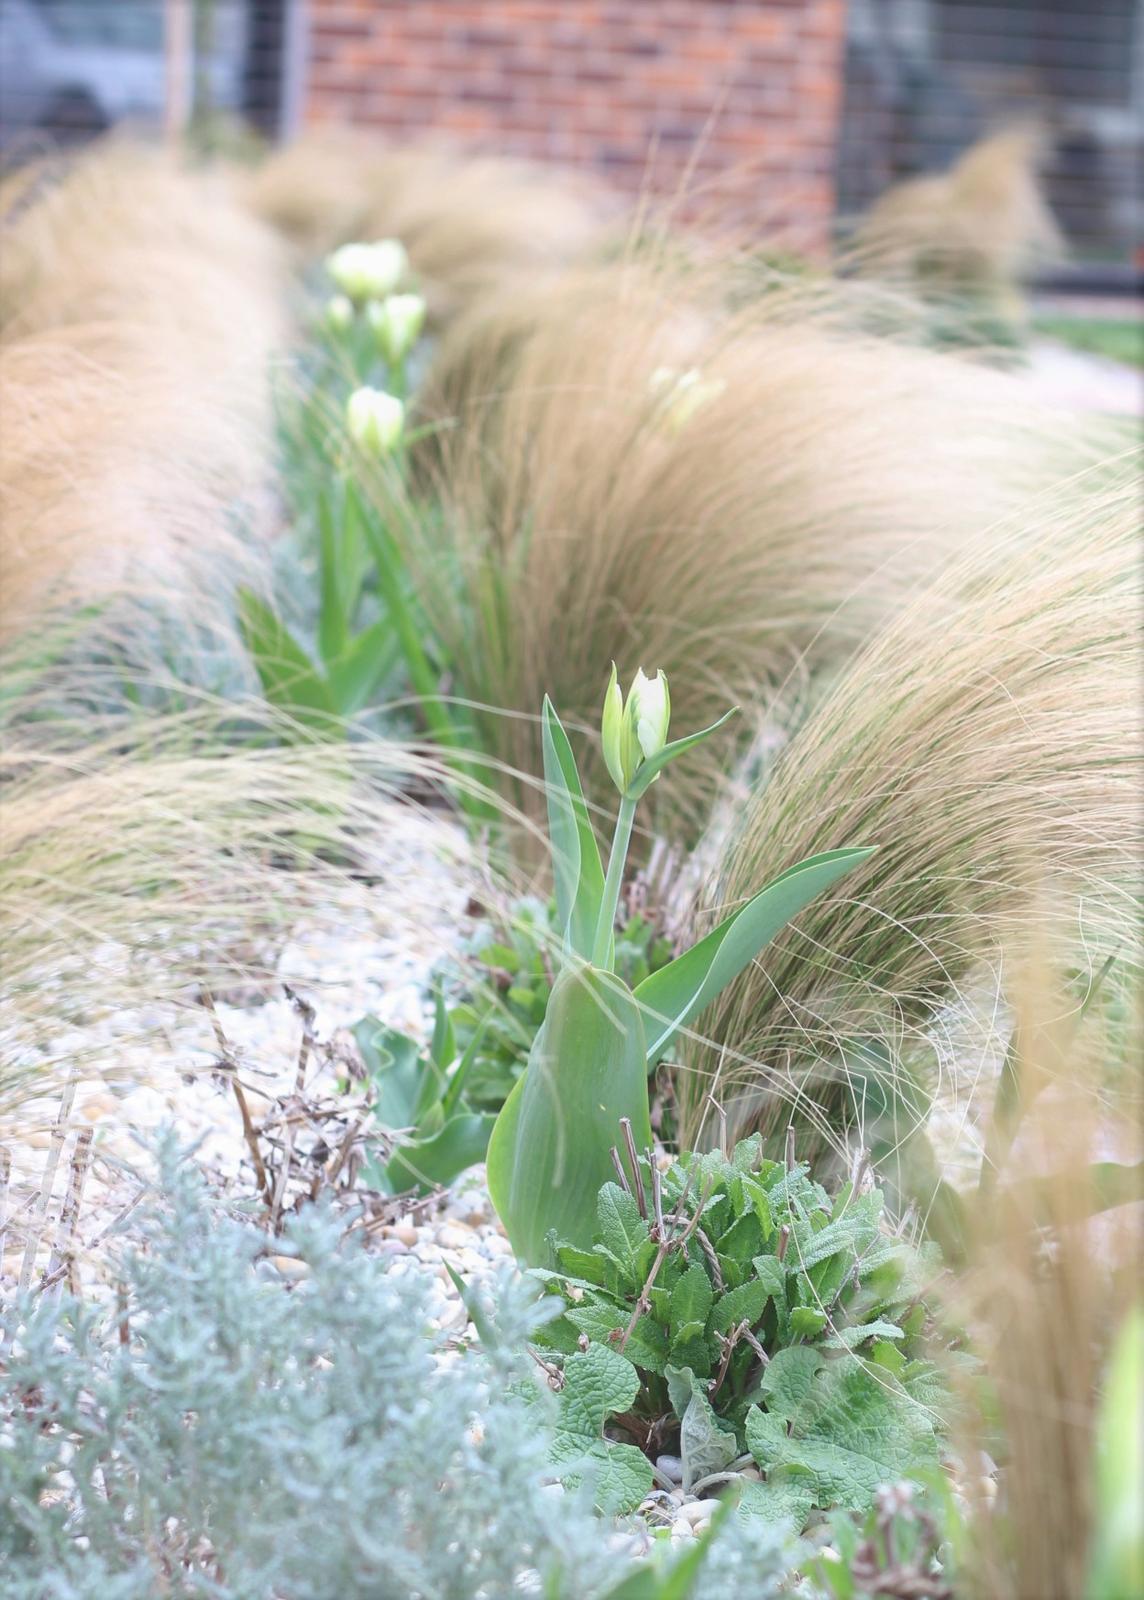 Exteriér - záhrada - Prvý jarný výkvet :-)